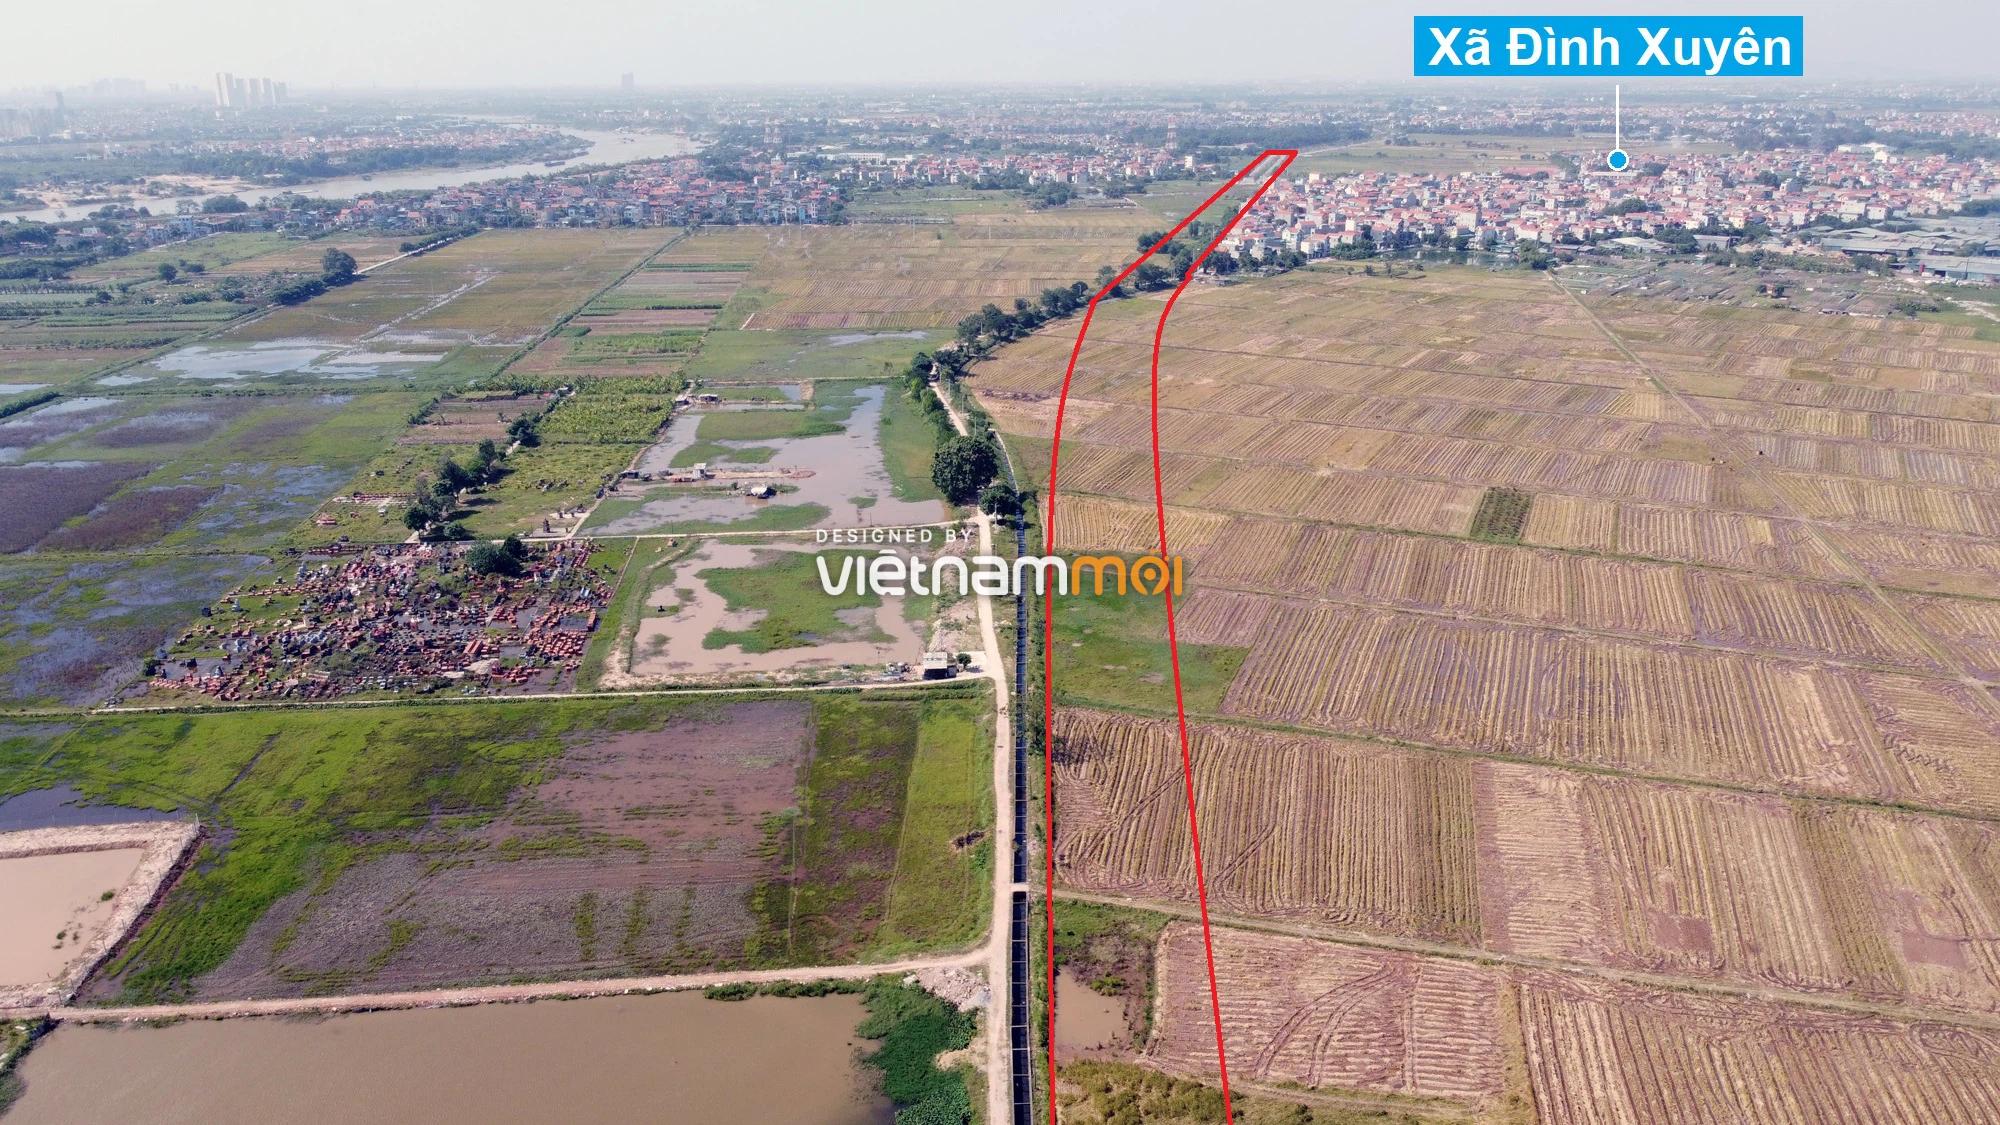 Những khu đất sắp thu hồi để mở đường ở huyện Gia Lâm, Hà Nội (phần 1) - Ảnh 5.